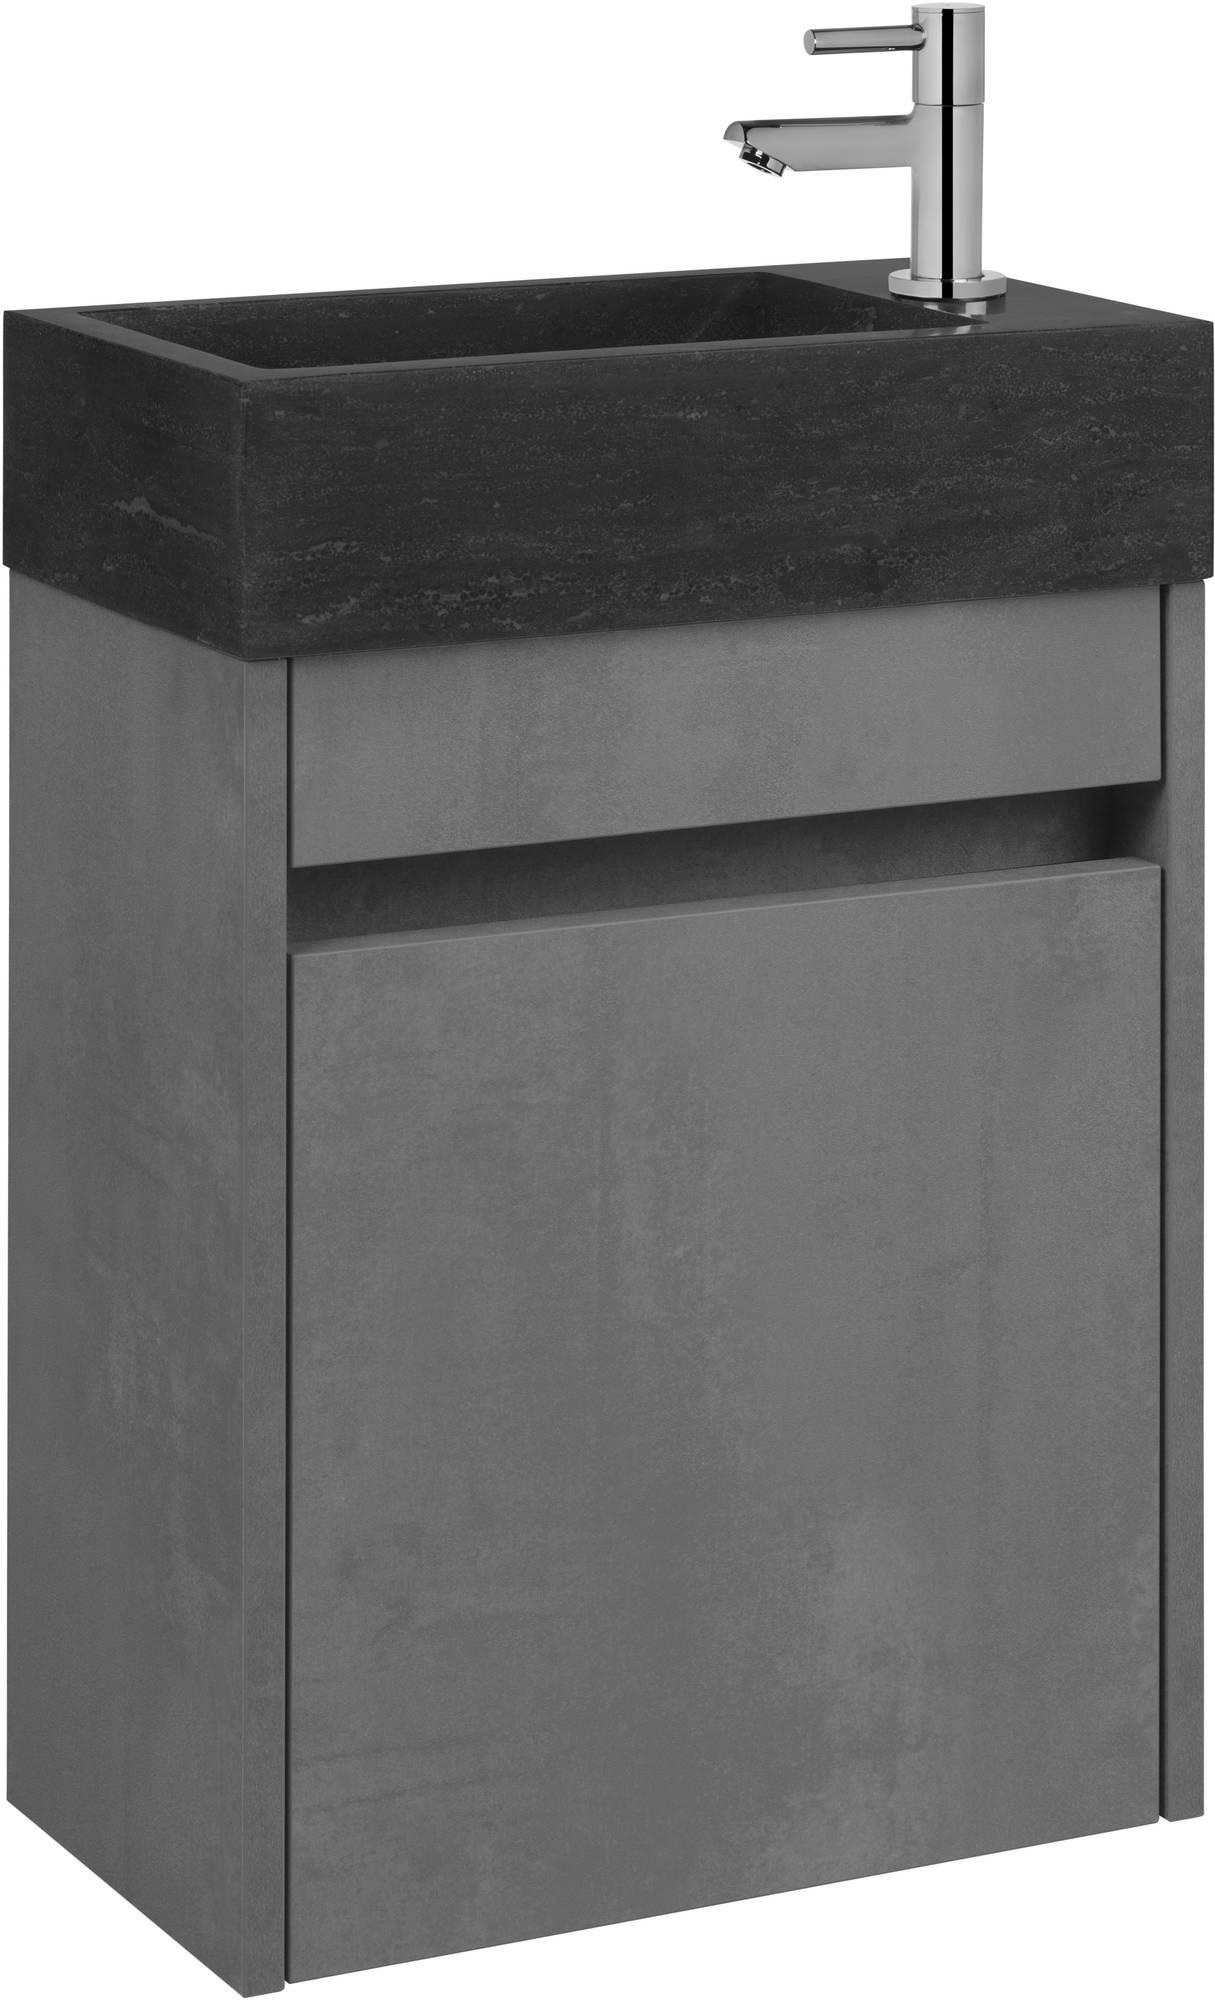 Saniselect Sana Fonteinmeubelset rechts beton grijs/hardsteen